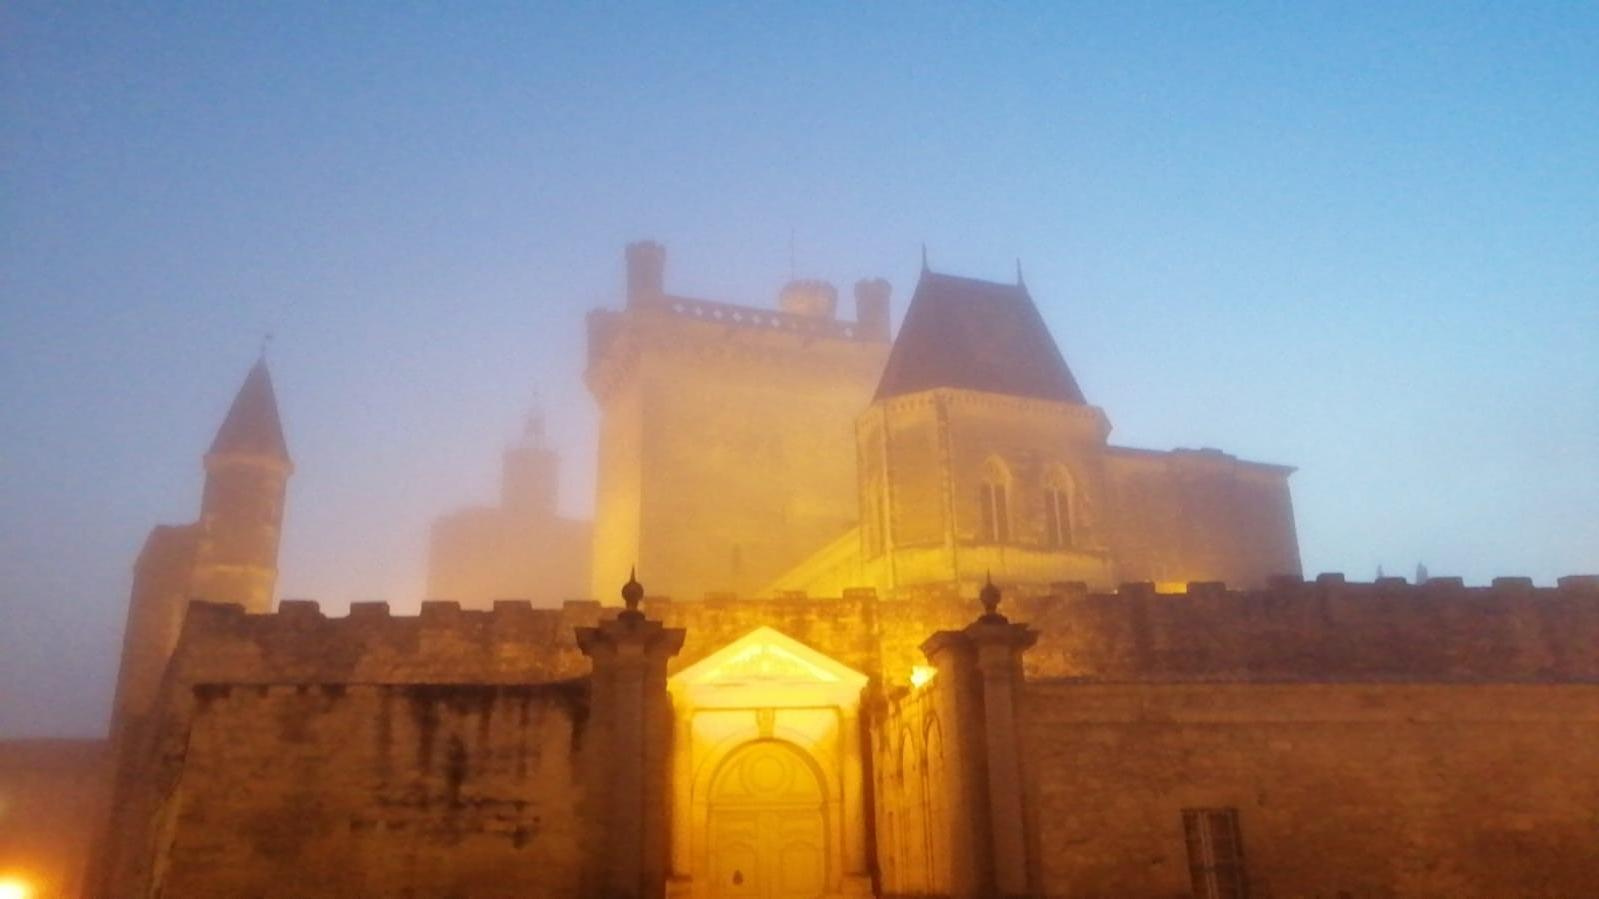 Img 20201222 wa0014 le duche niebla